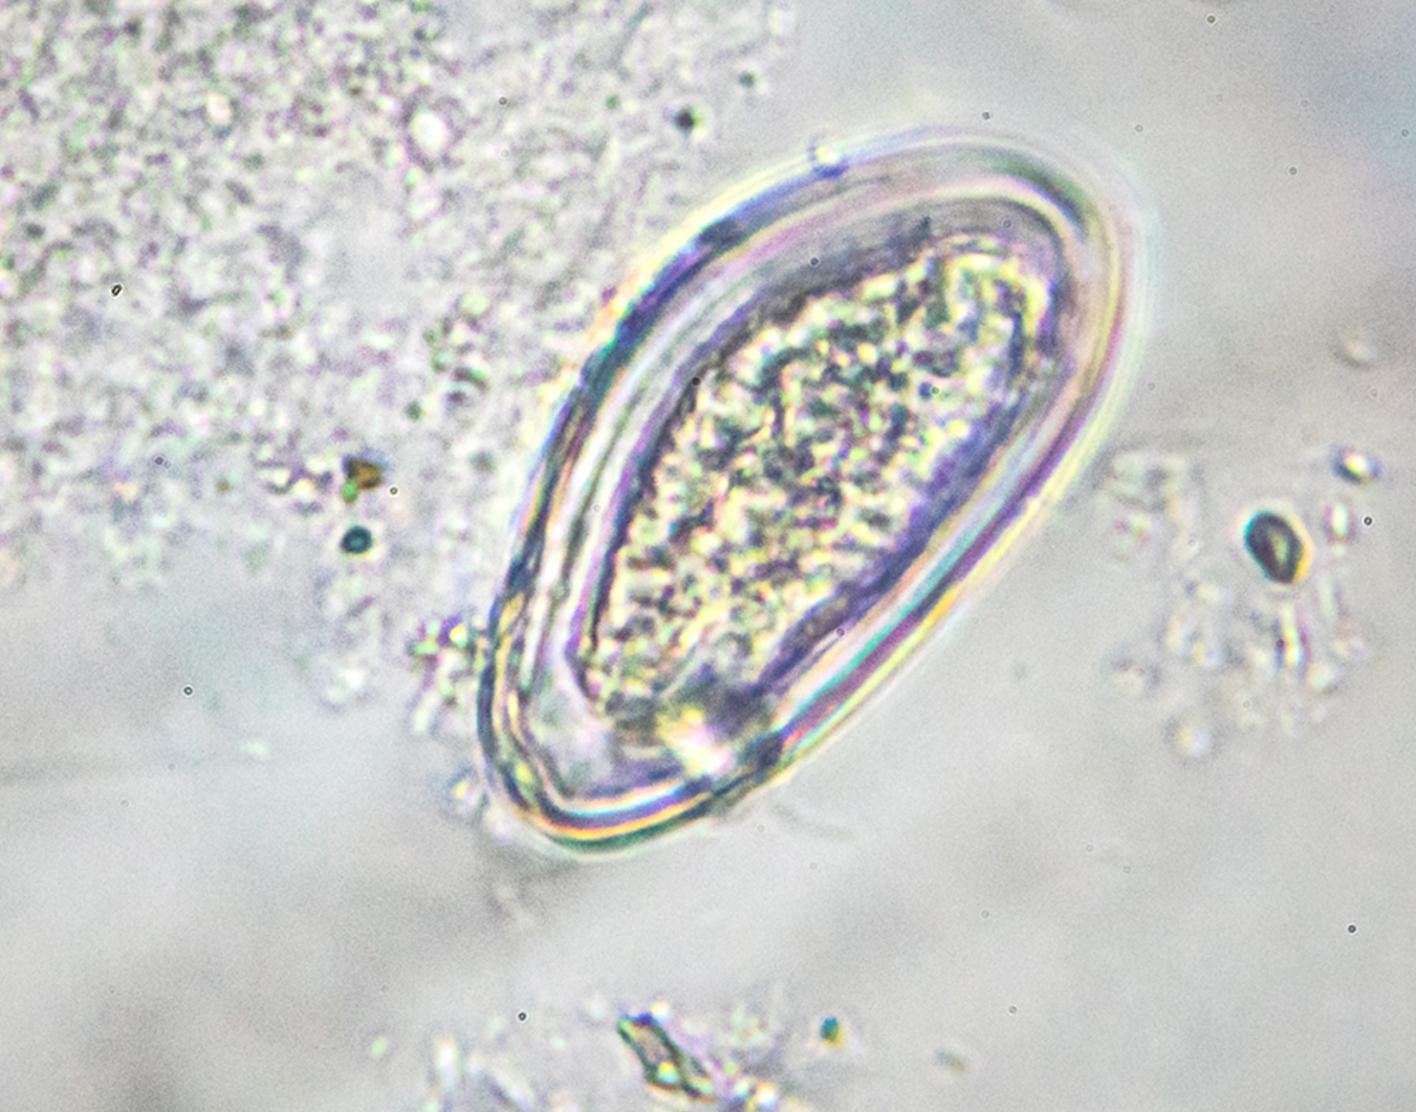 Az enterobiosis pinworms